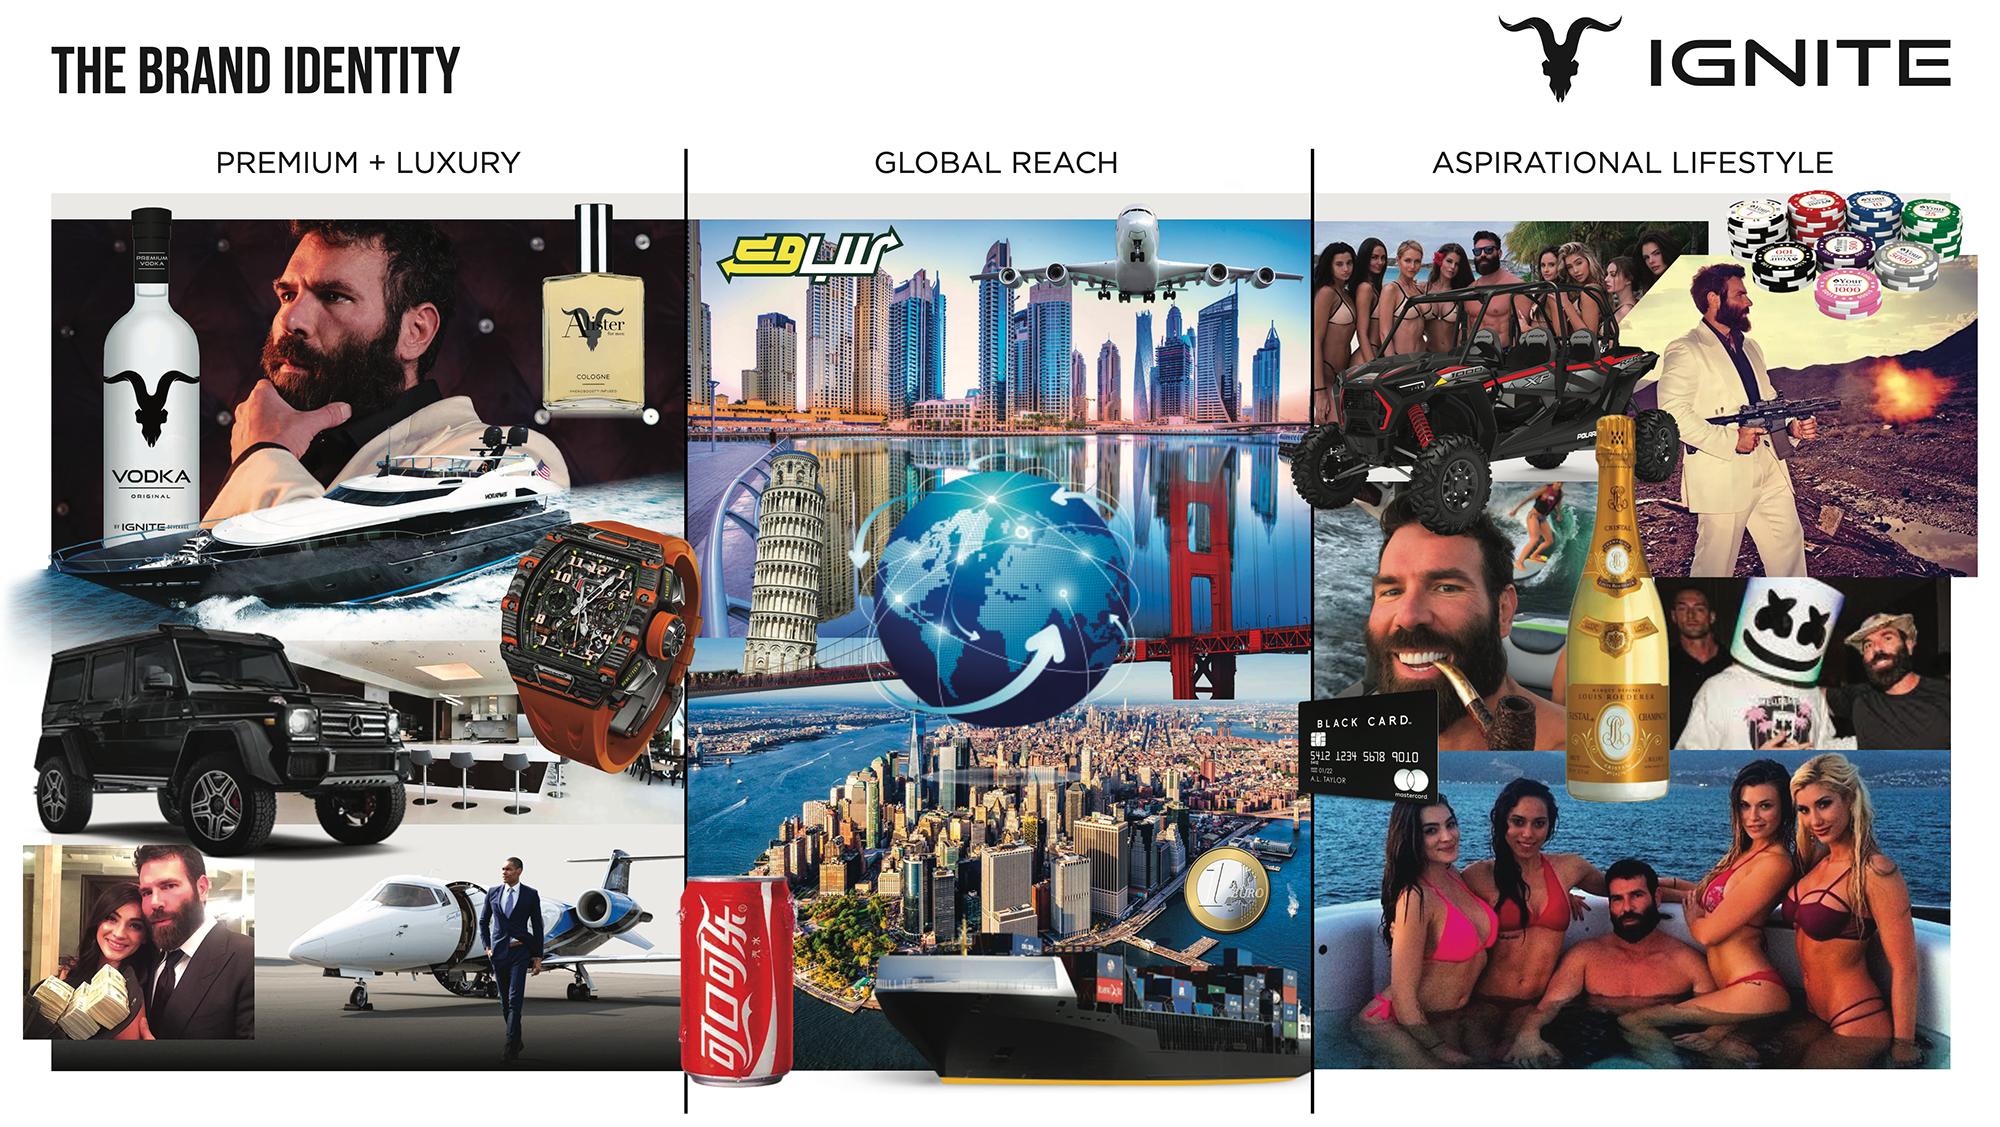 Ignite Brand Identity VLP